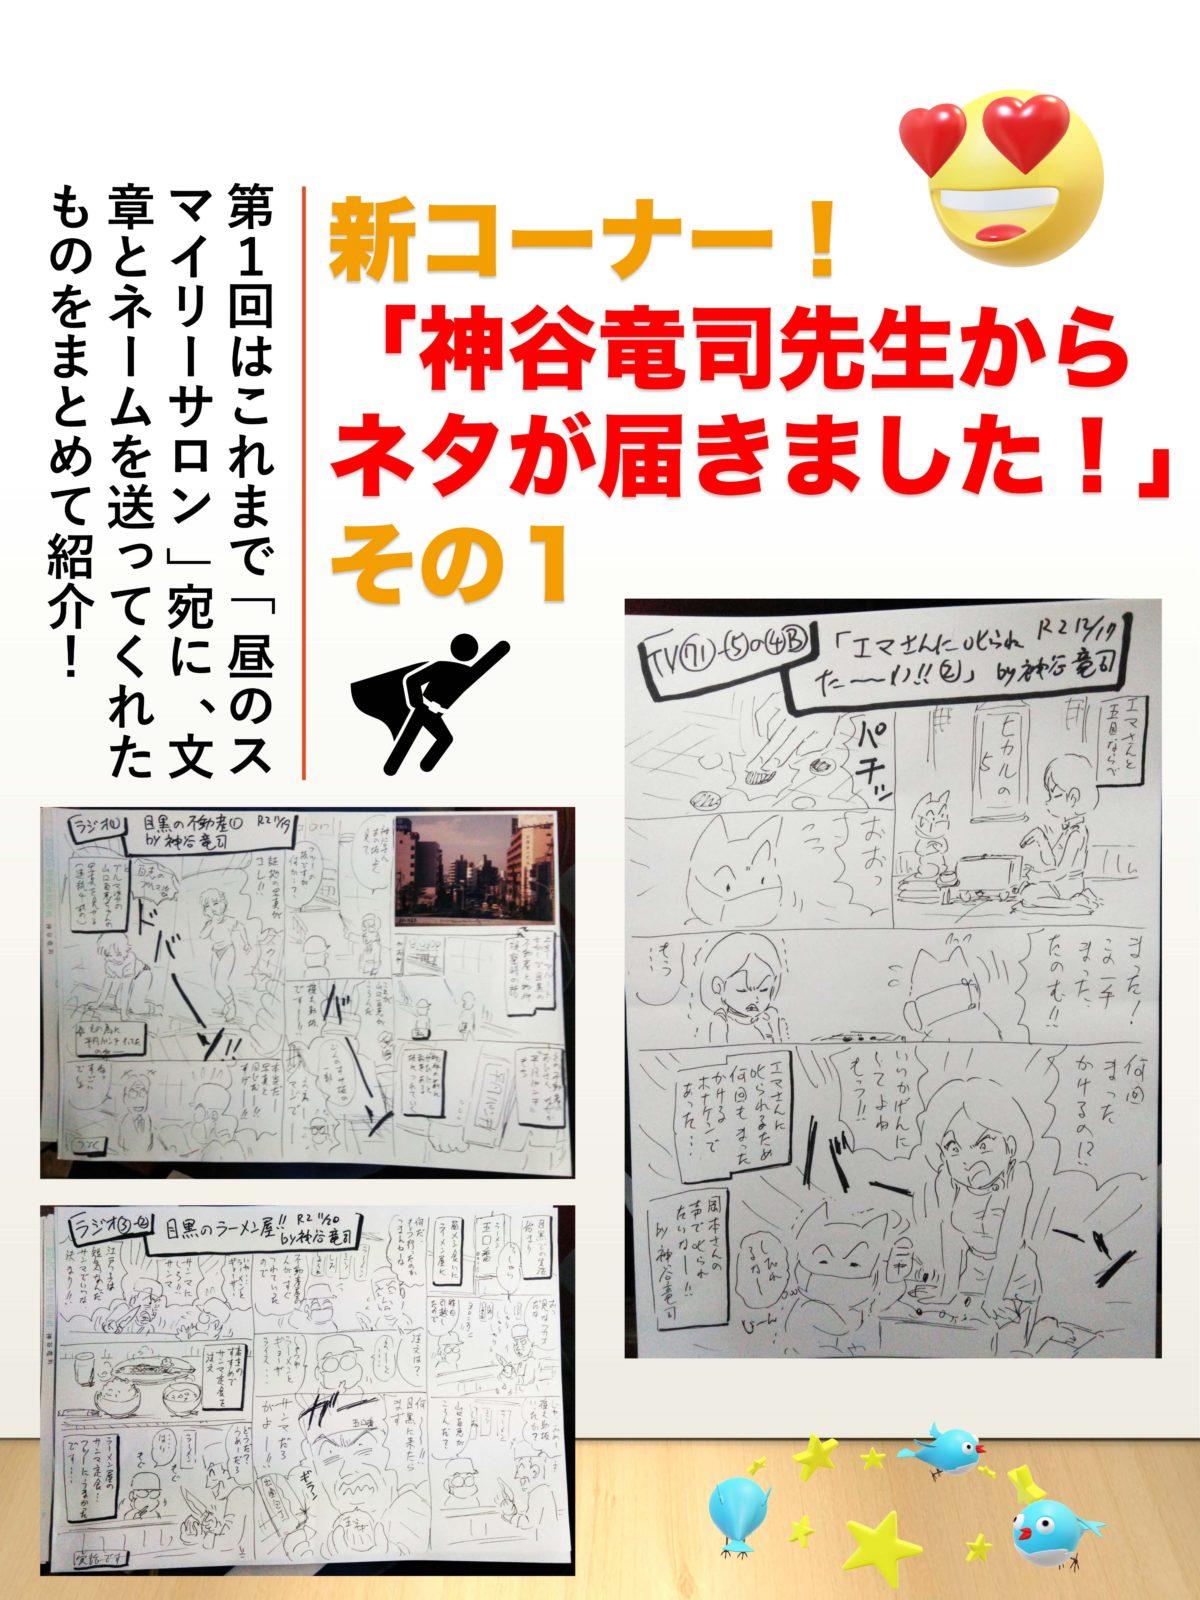 新コーナー! 「神谷竜司先生からネタが届きました!」その1